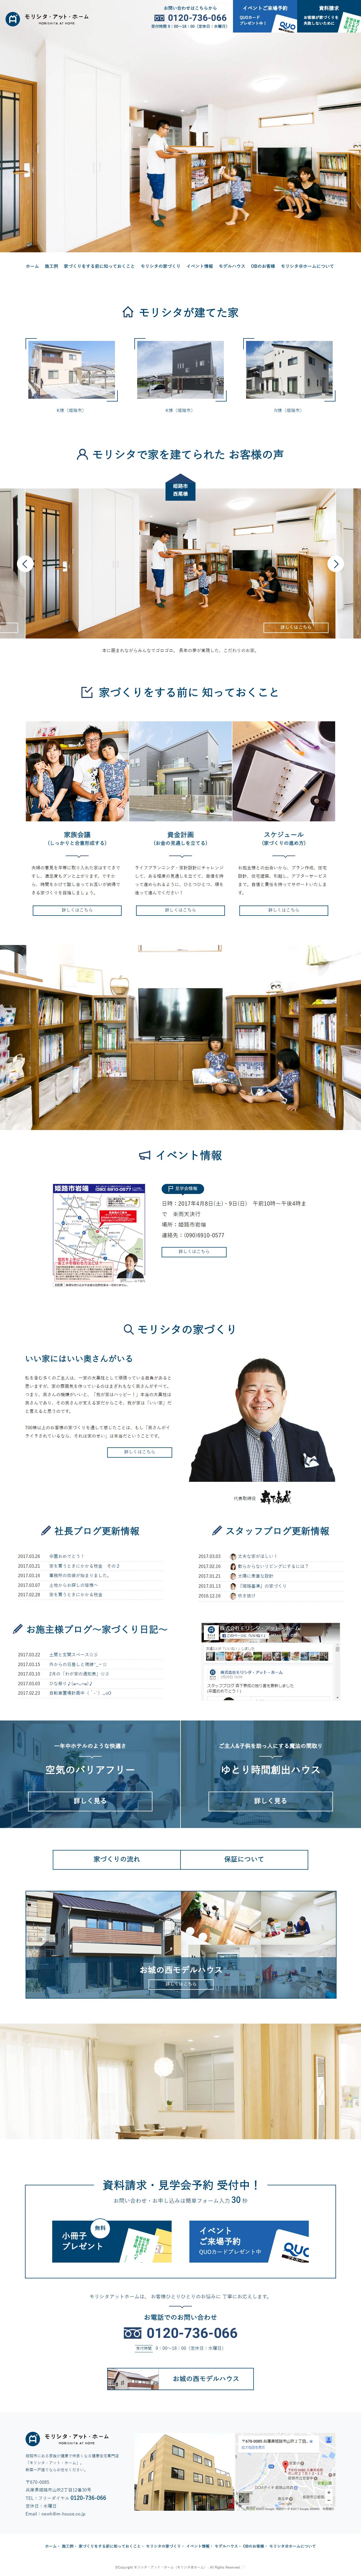 株式会社モリシタ・アット・ホーム様1